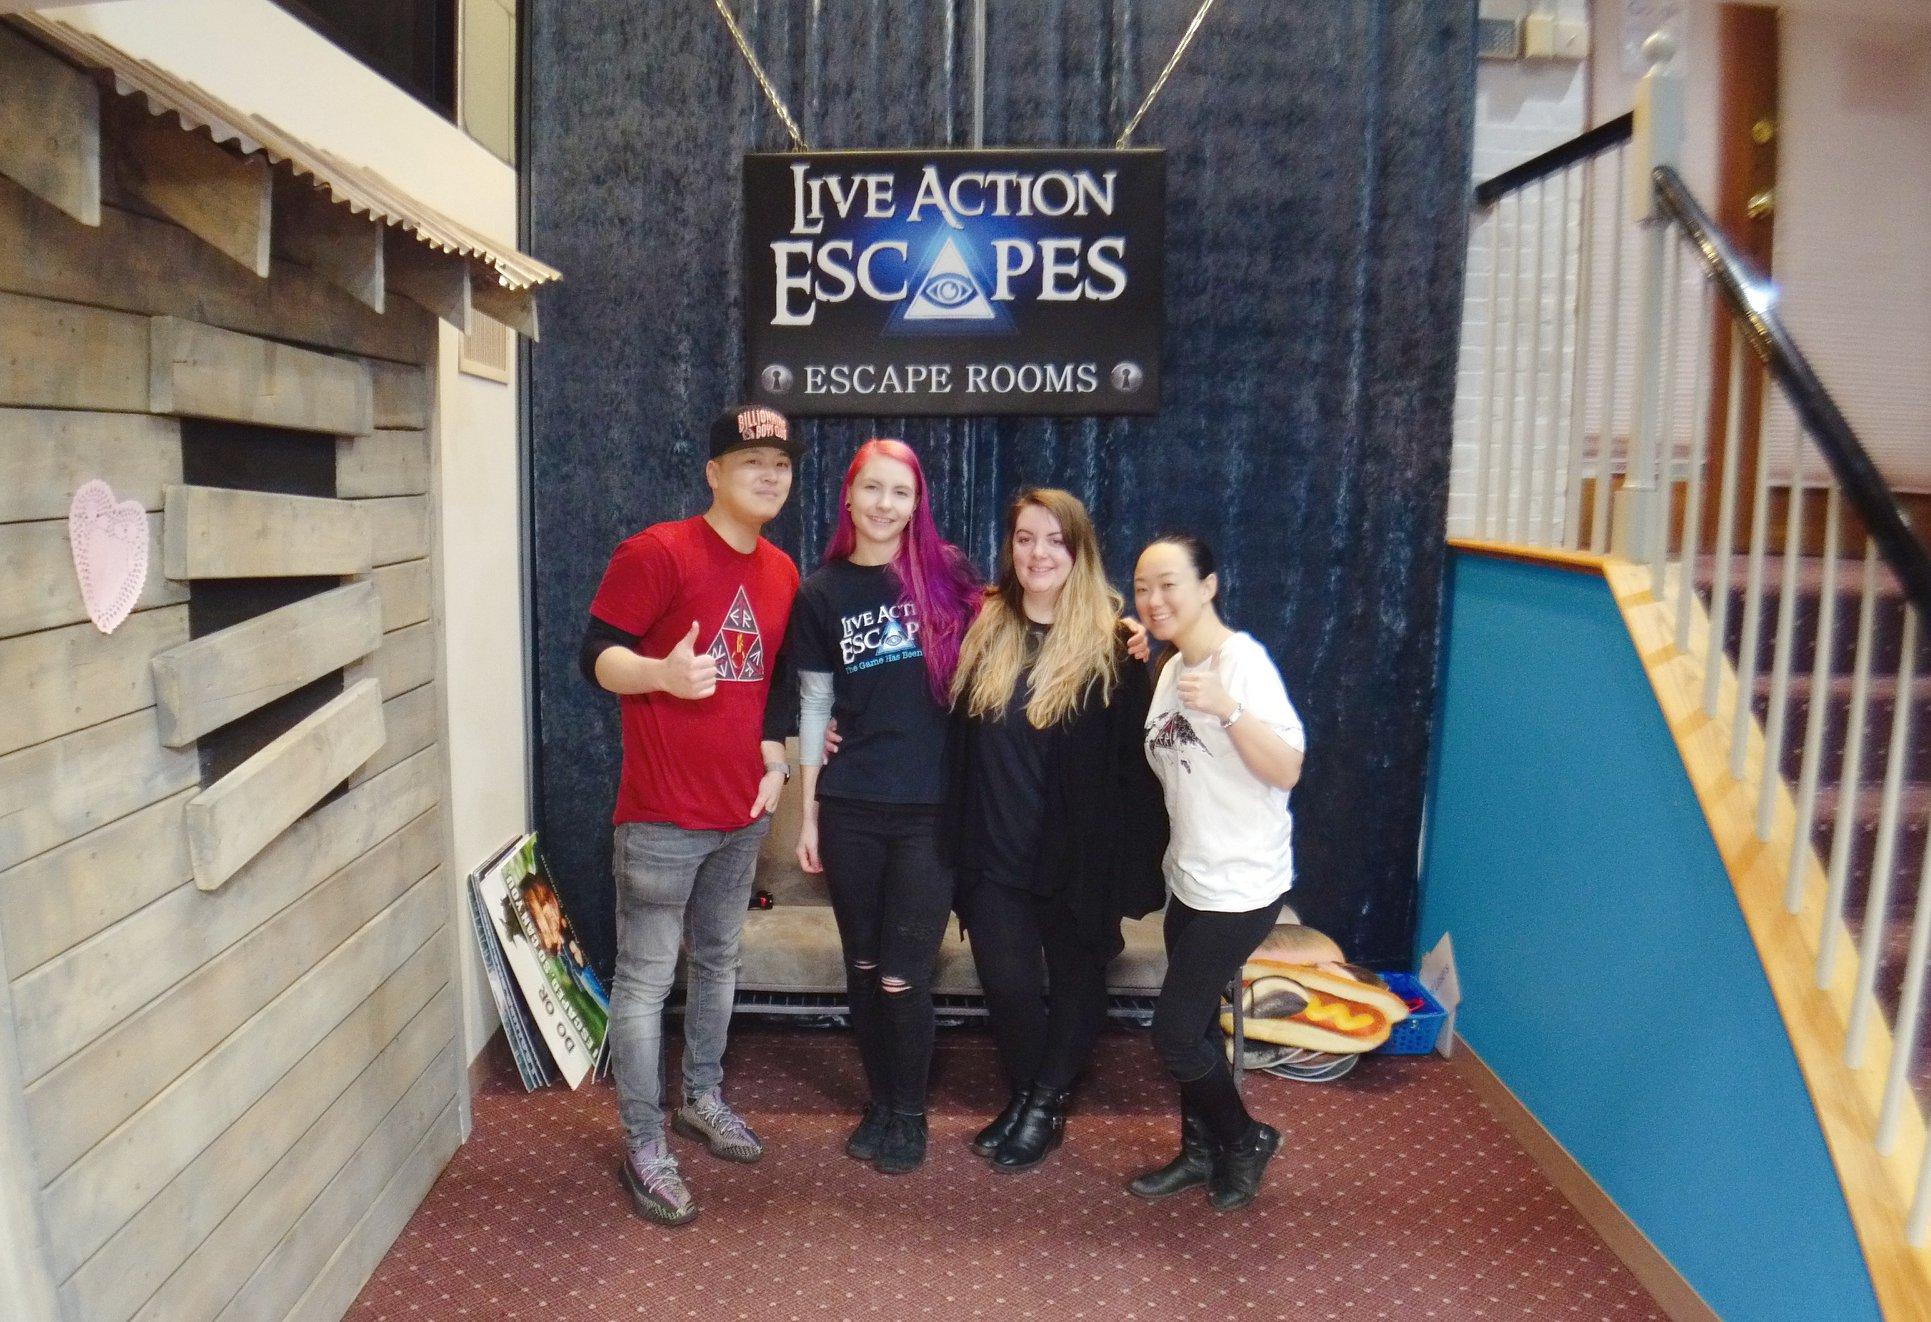 Live Action Escapes